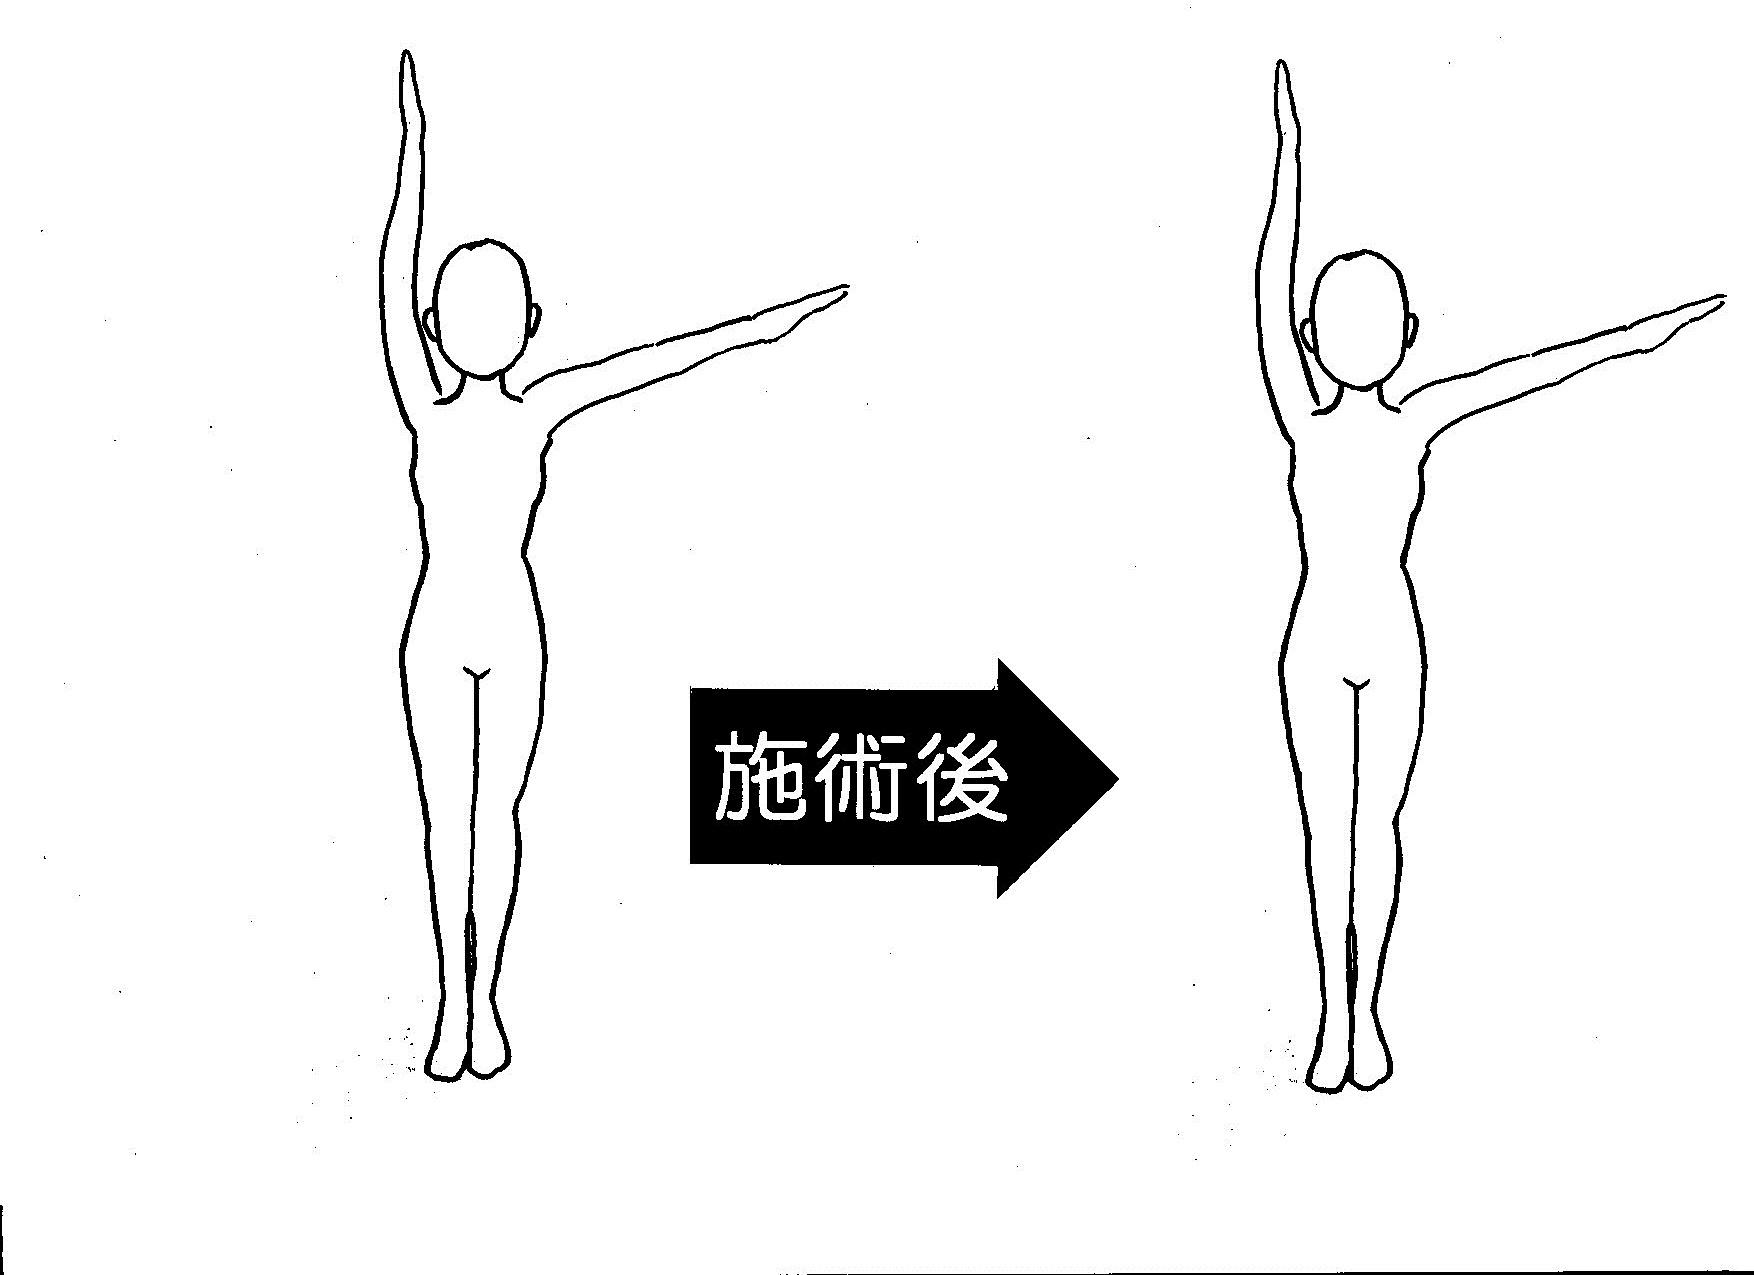 五十肩 左腕挙上の角度 2回目施術後